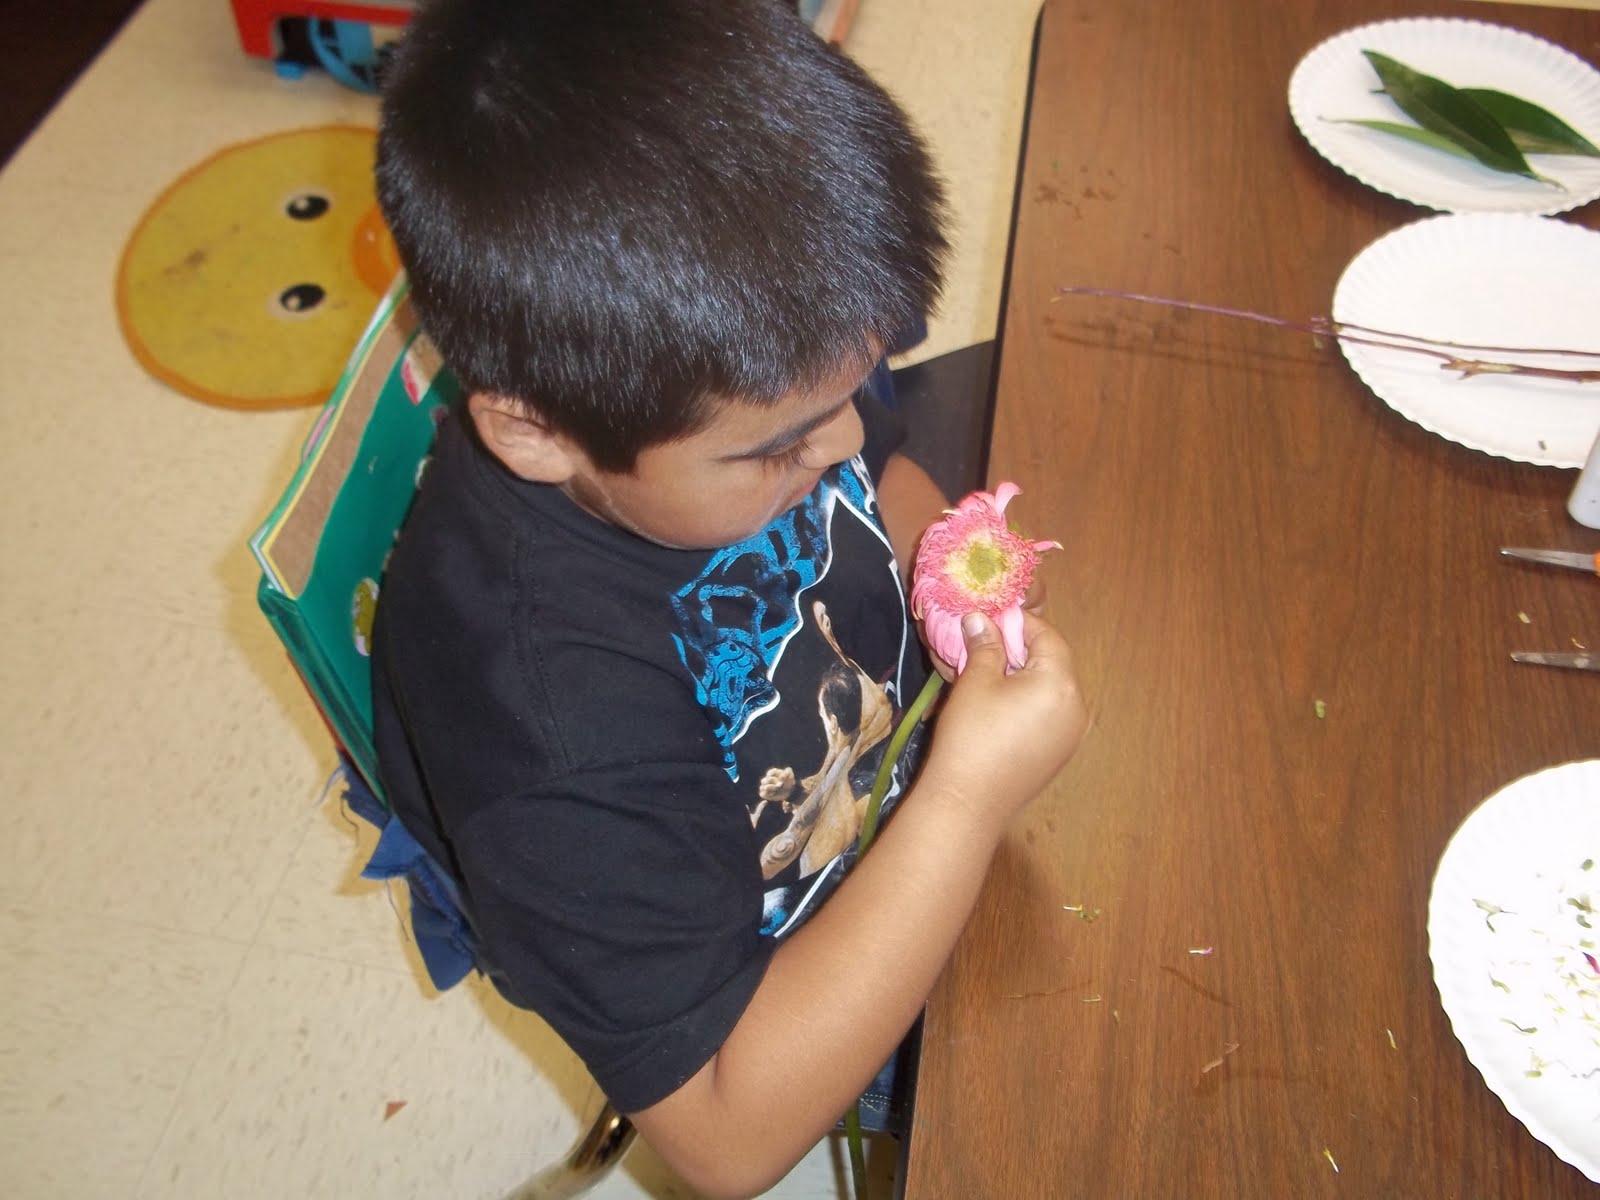 Kinder Garden: Mrs. Wood's Kindergarten Class: Flower Brace Map